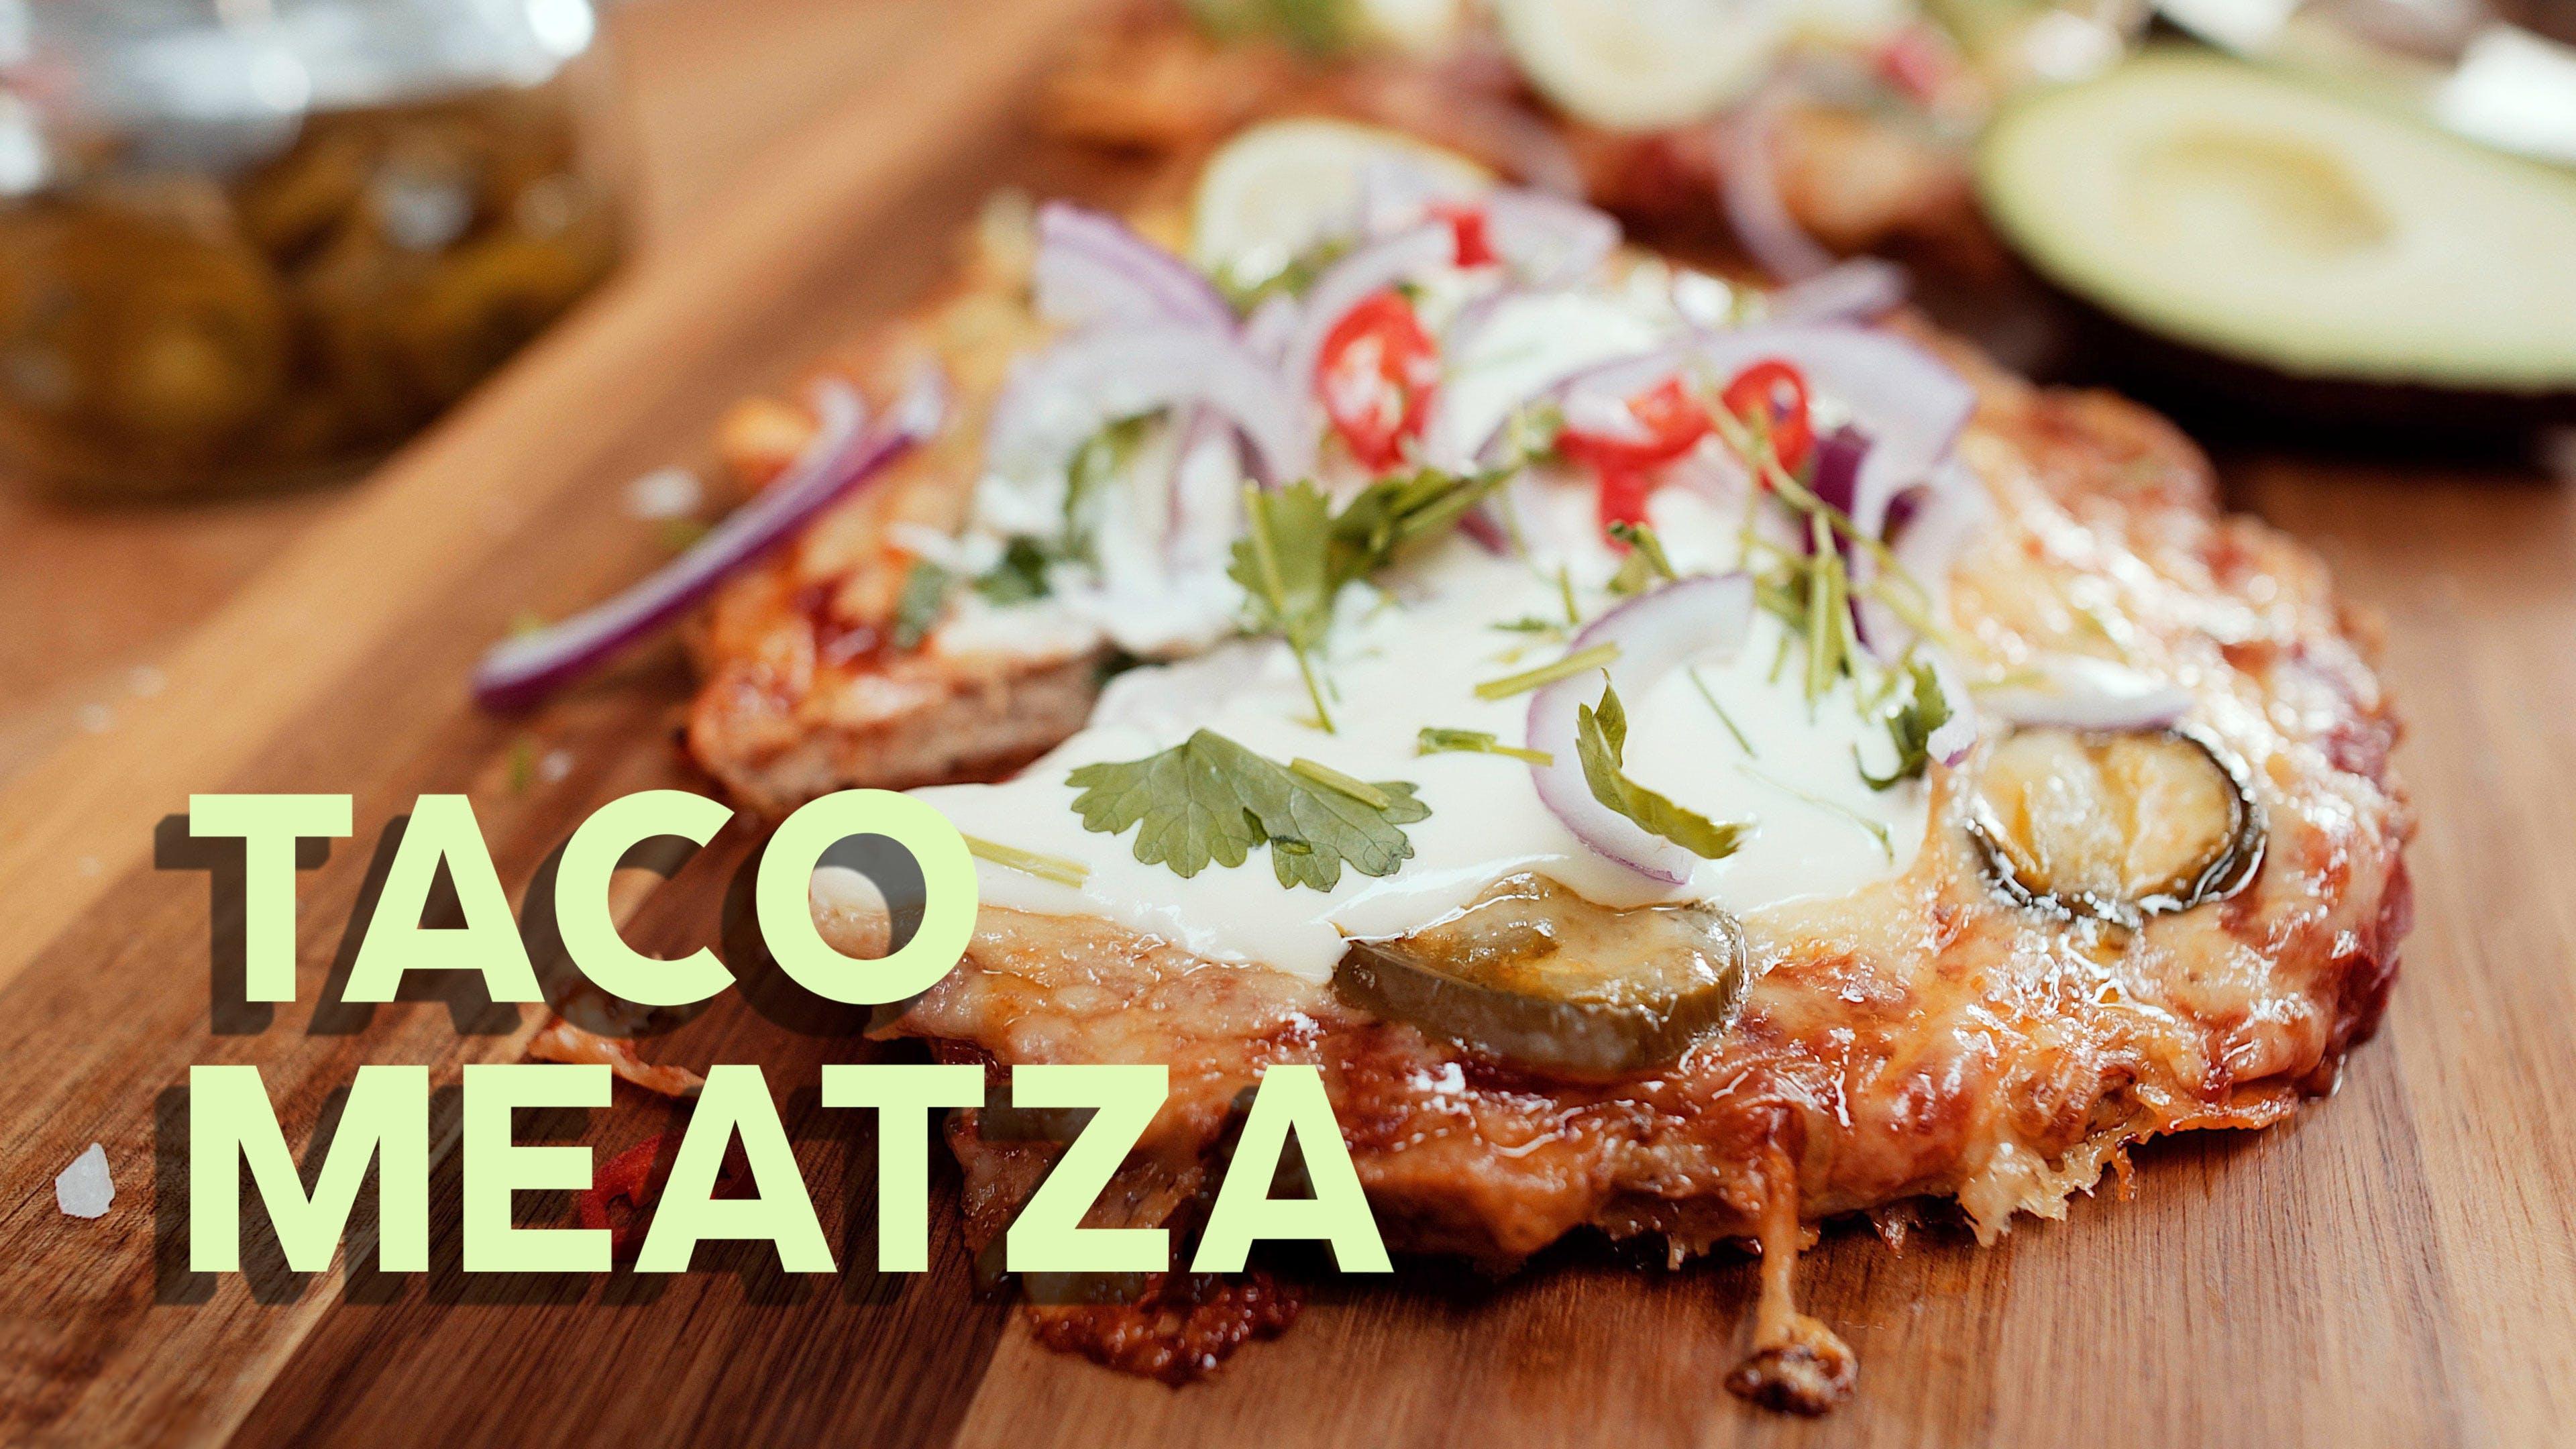 Taco meatza